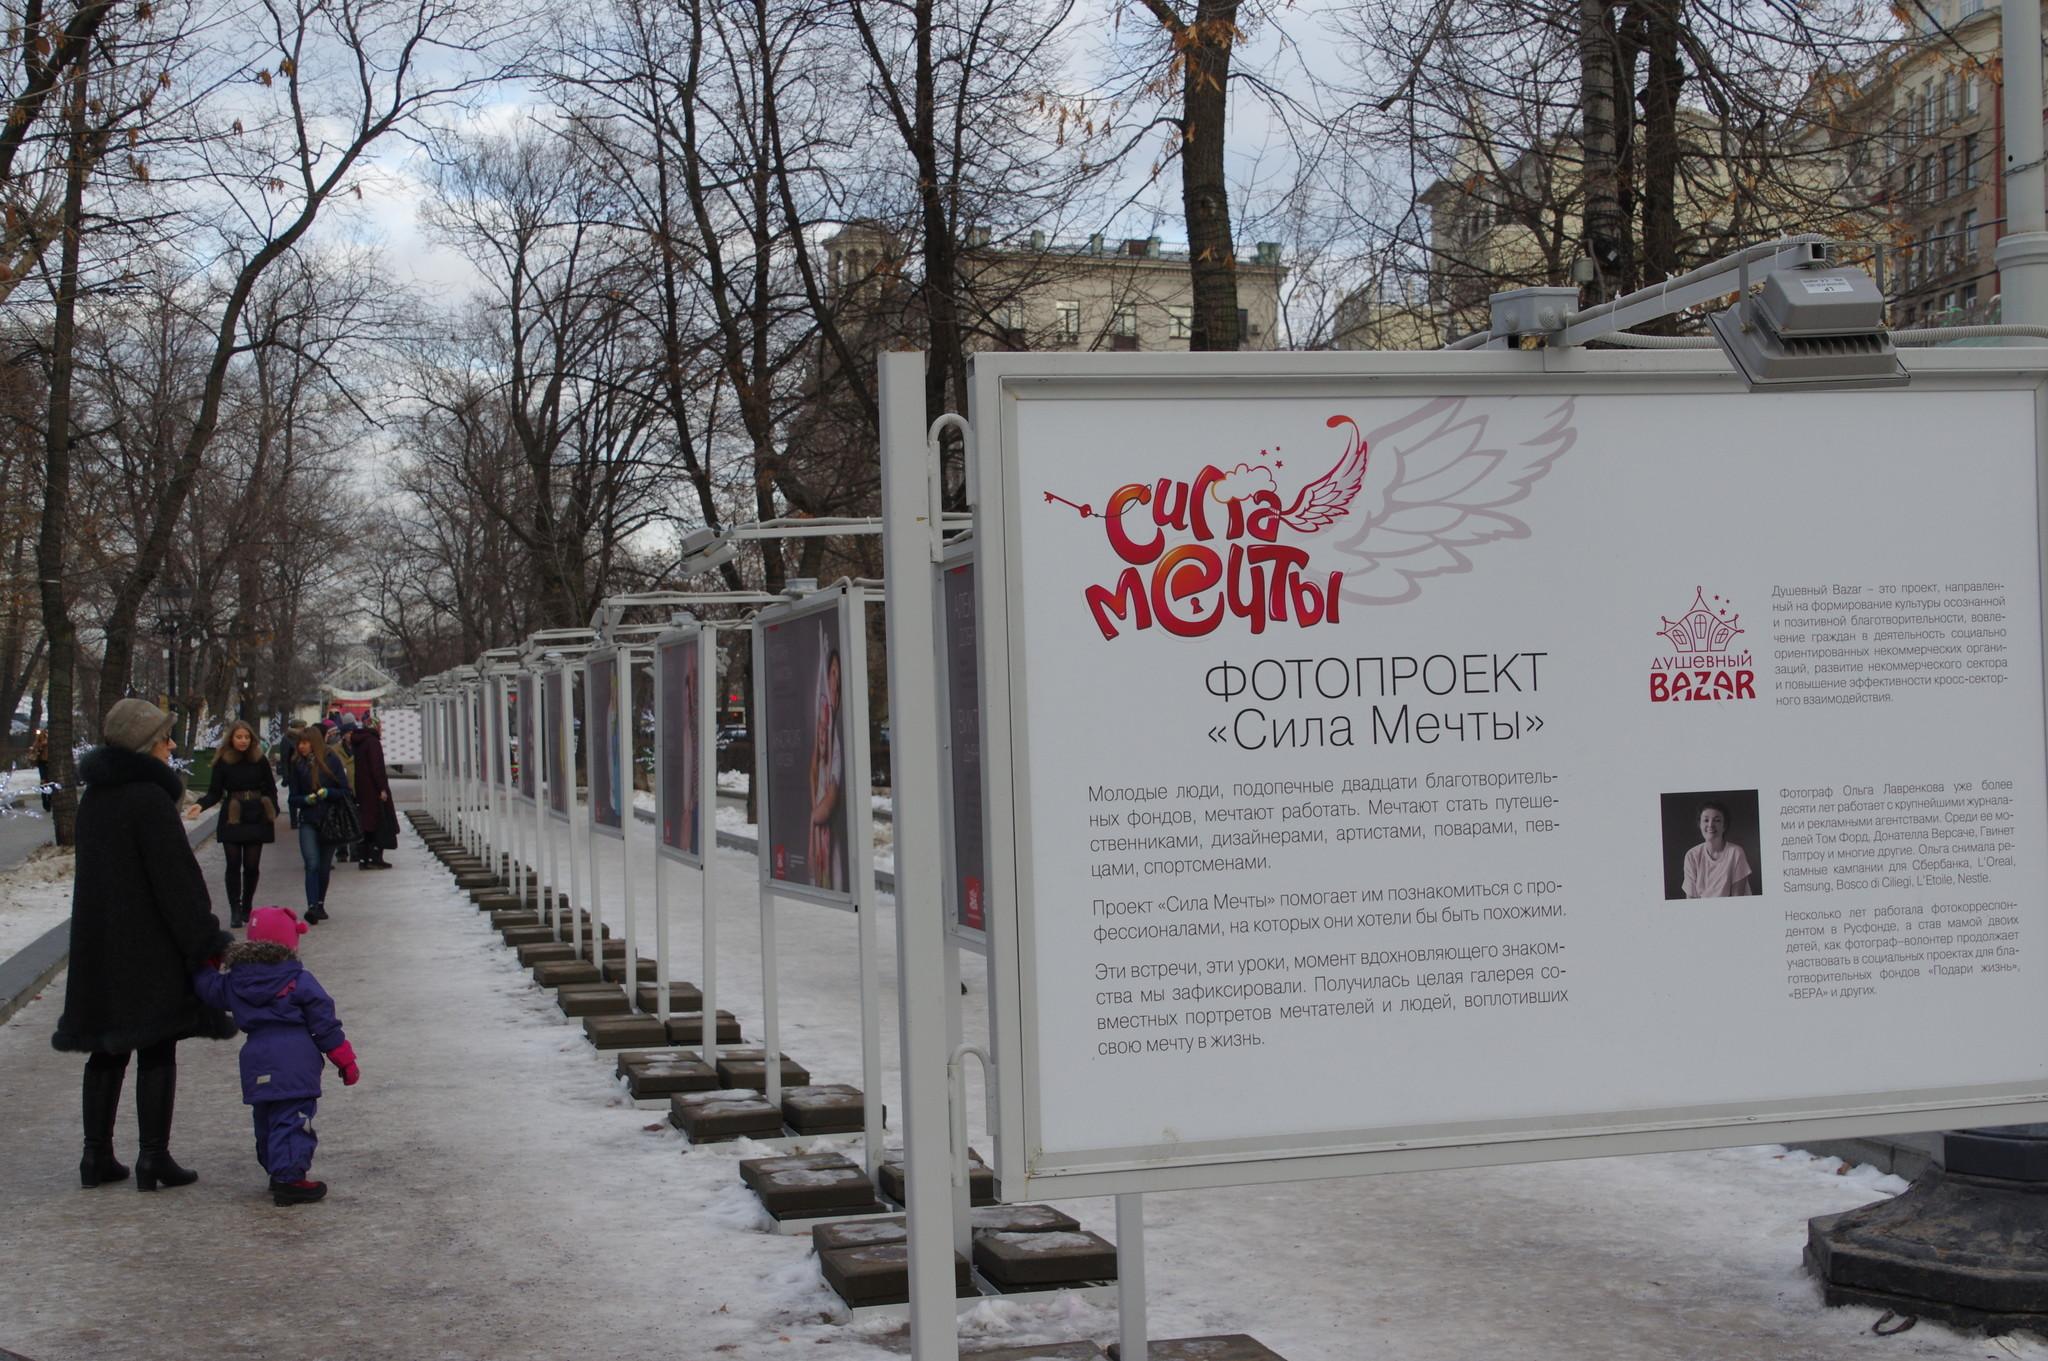 Фотопроект «Сила мечты» на Тверском бульваре в Москве